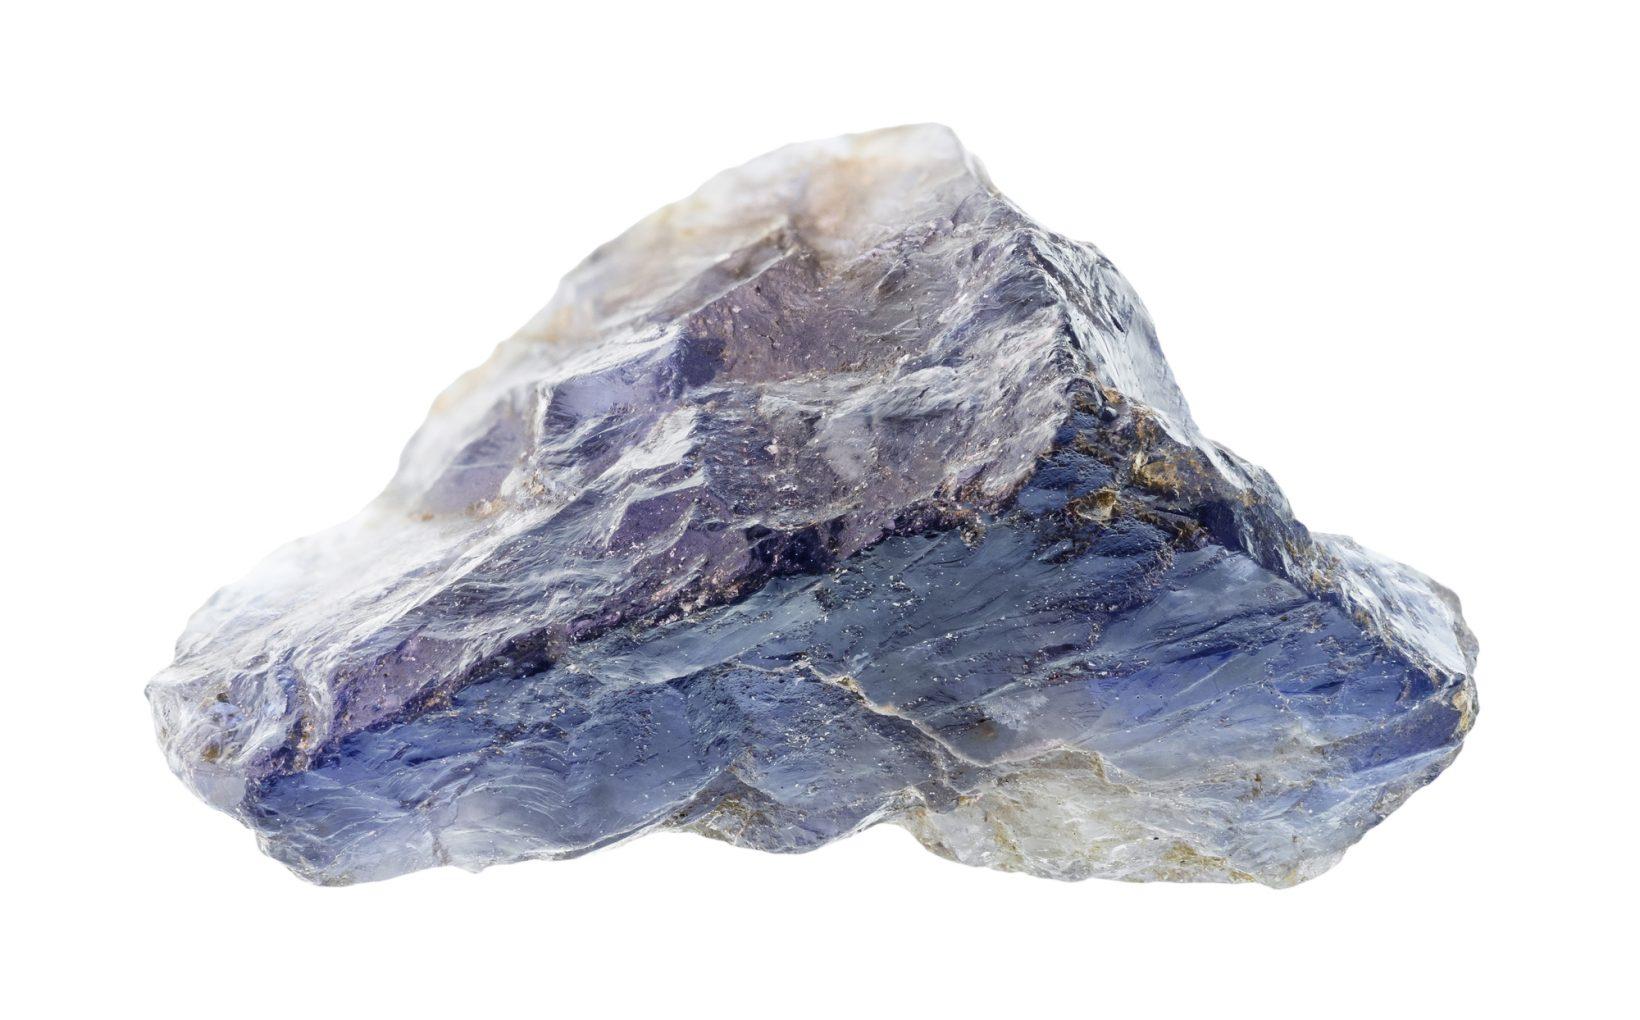 Кристалл кордиерита